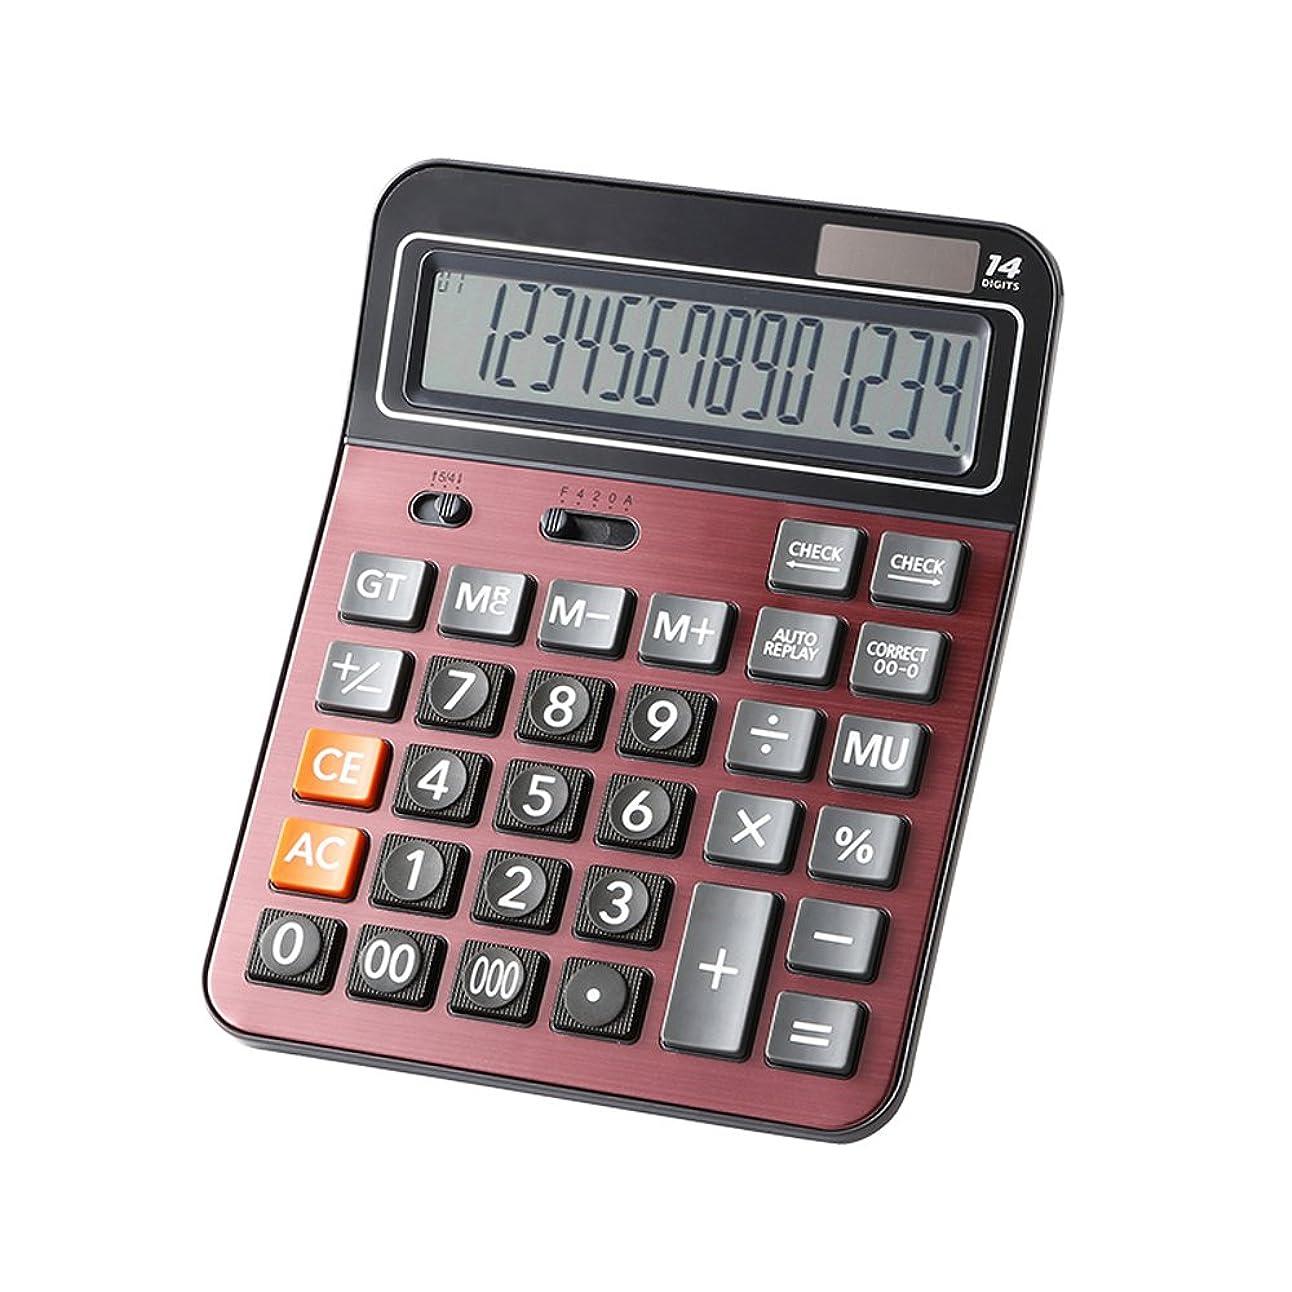 プロフェッショナル標準Largeデスクトップ電卓、オフィス/ビジネス/電卓14桁大型表示、ソーラー、AAAバッテリーデュアル電源